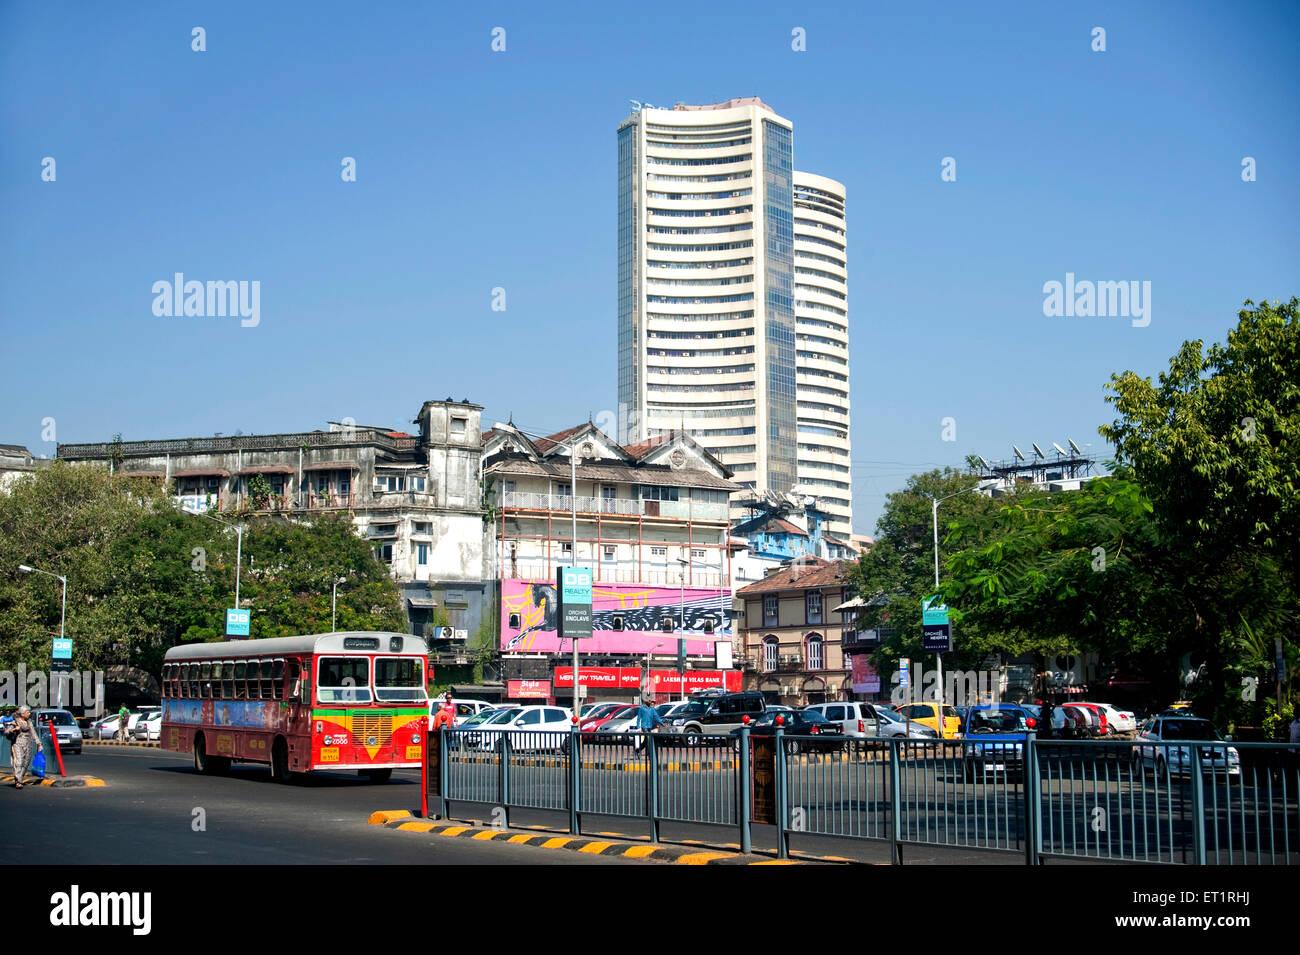 hdfc bank kalaghoda branch mumbai